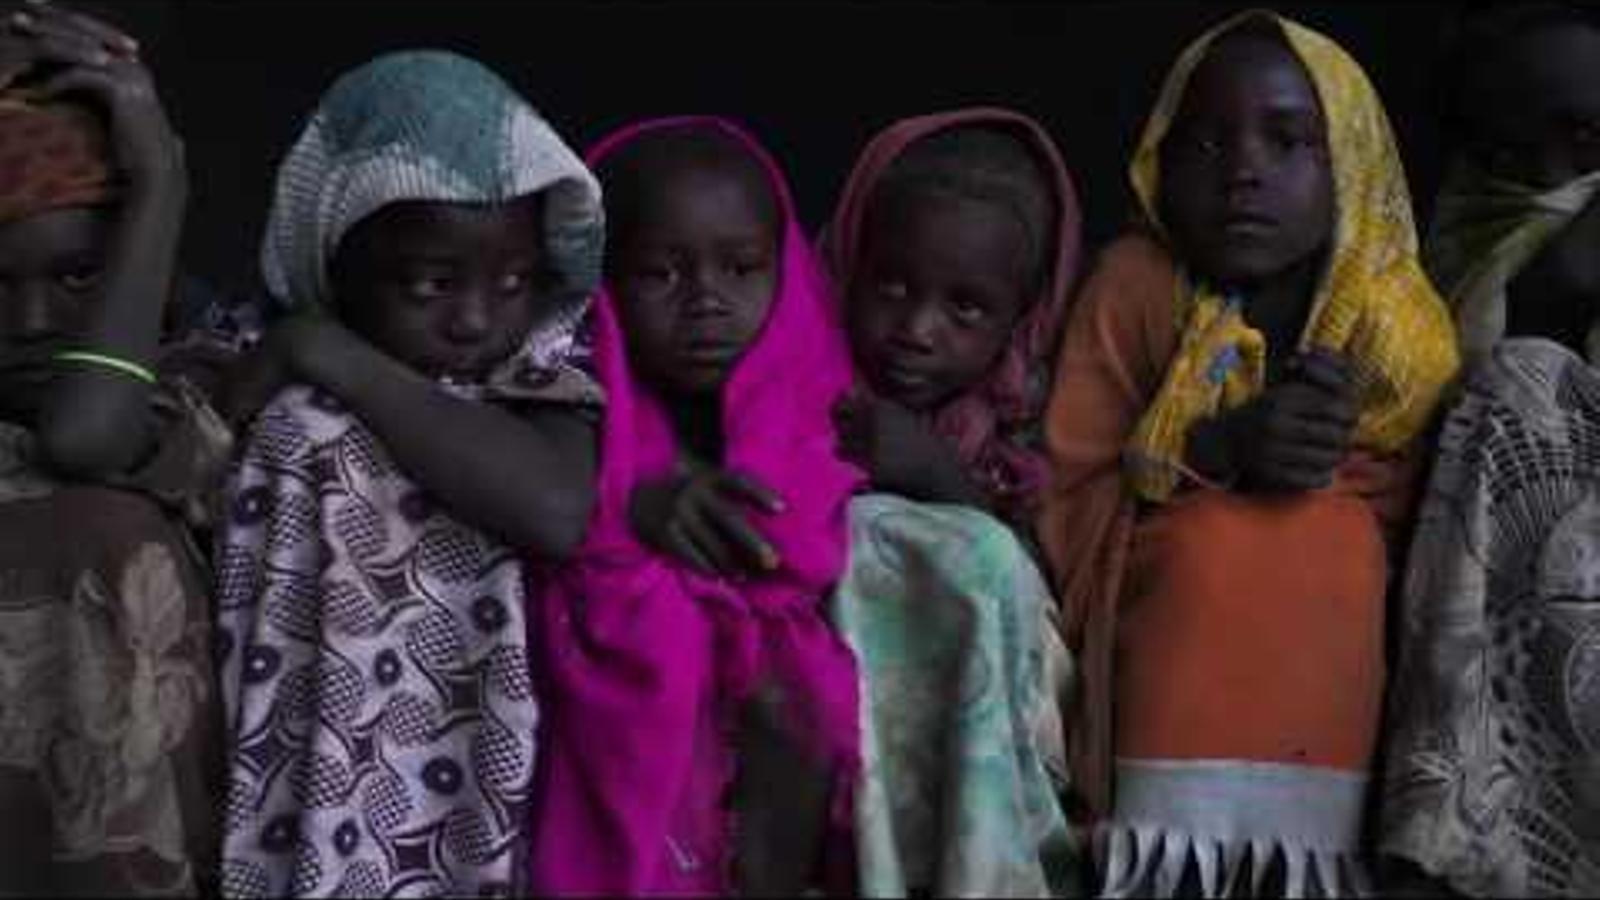 Vídeo dels atacs amb armes químiques al Darfur, d'Amnistia Internacional.